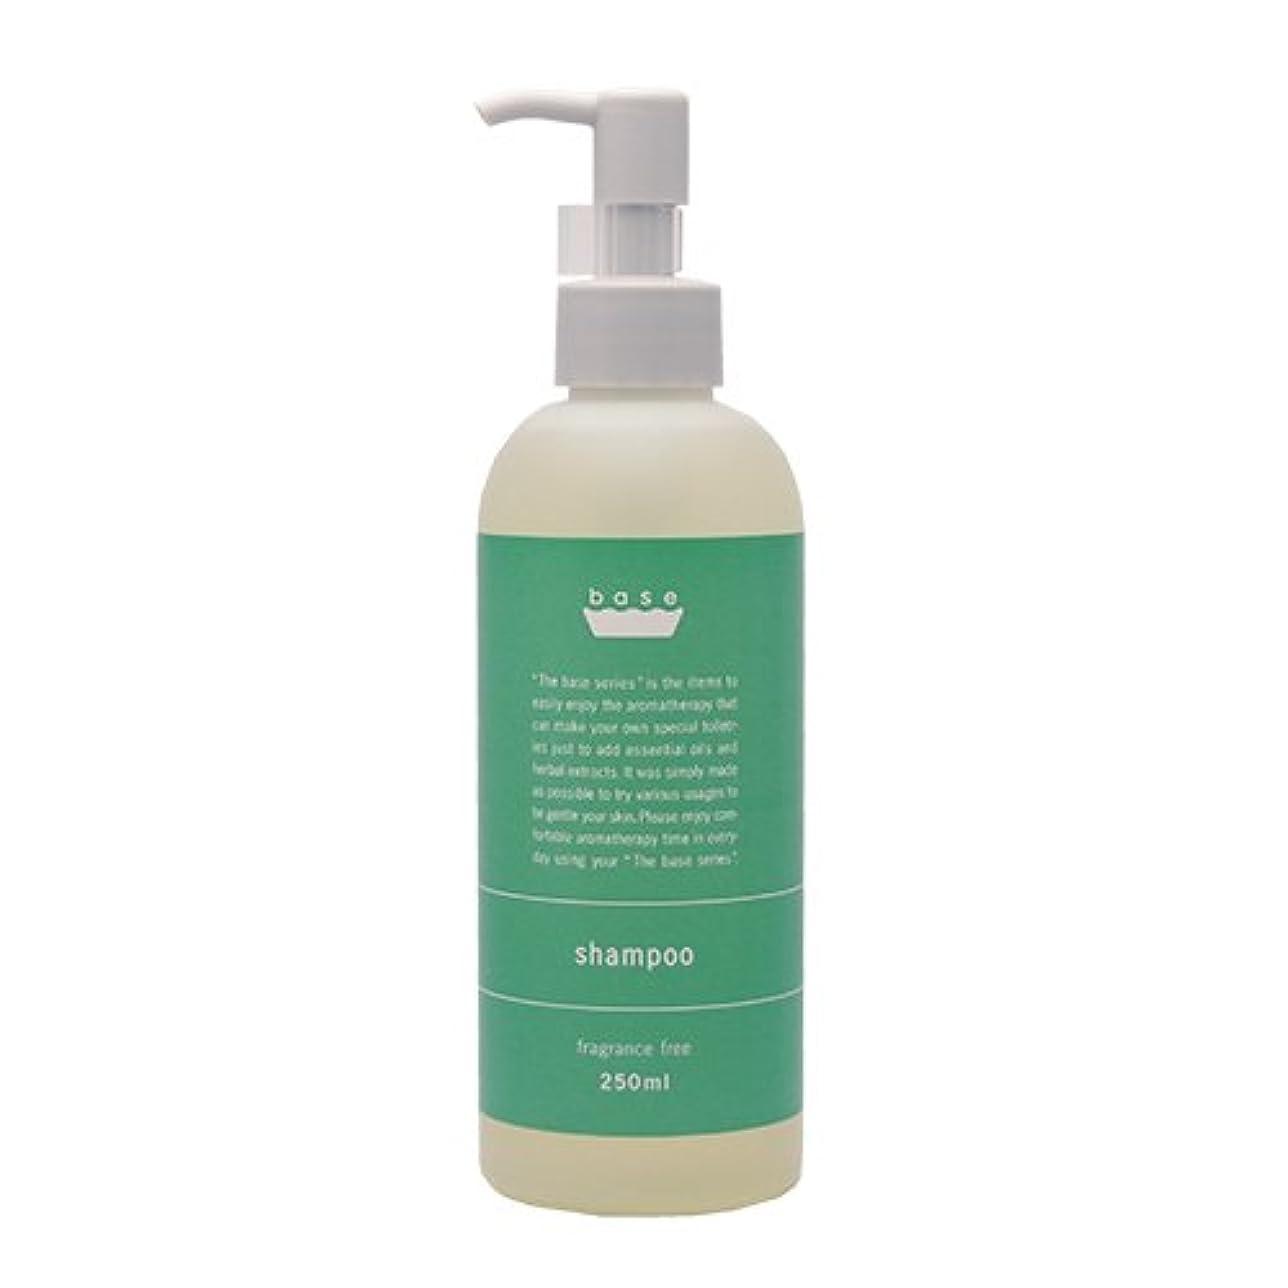 反映するスコットランド人毎月base shampoo(ベースシャンプー)250ml